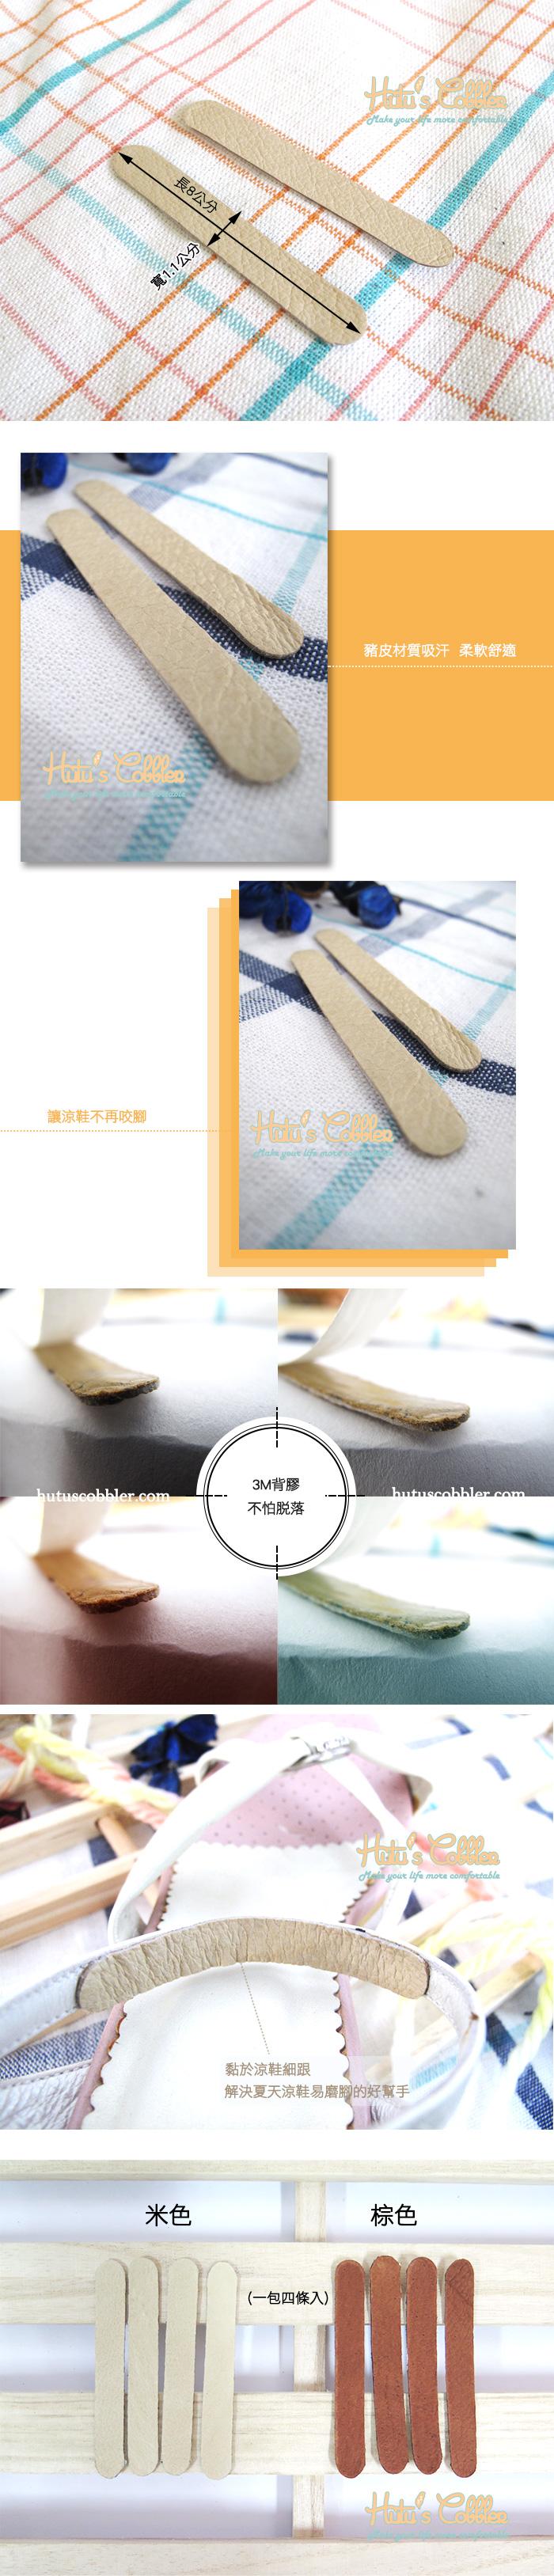 糊塗鞋匠 優質鞋材 G08 真皮涼鞋絆 解決涼鞋鞋帶磨腳 3M背膠 專櫃品質